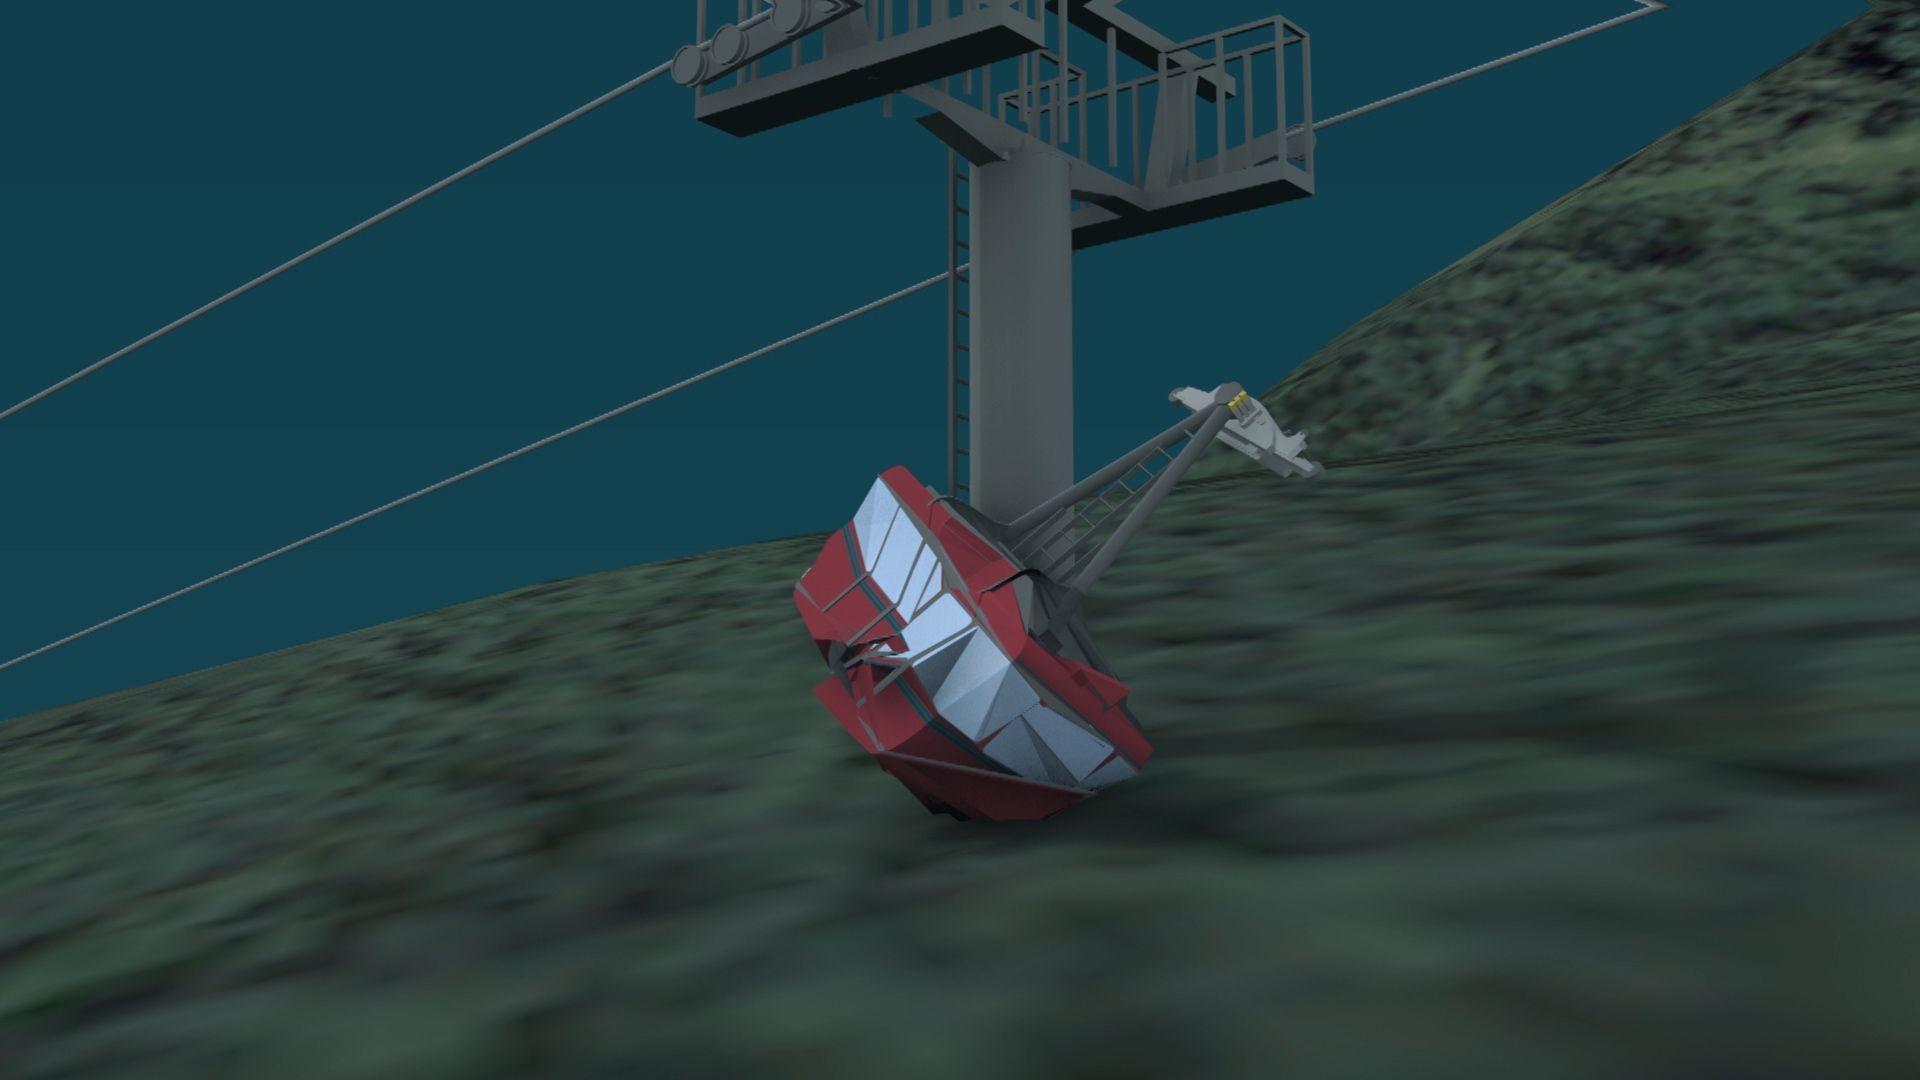 ANIMAȚIE GRAFICĂ. Prăbușirea telecabinei din Italia, filmată de camerele de supraveghere. Pasagerii mai aveau 5 metri până la destinație